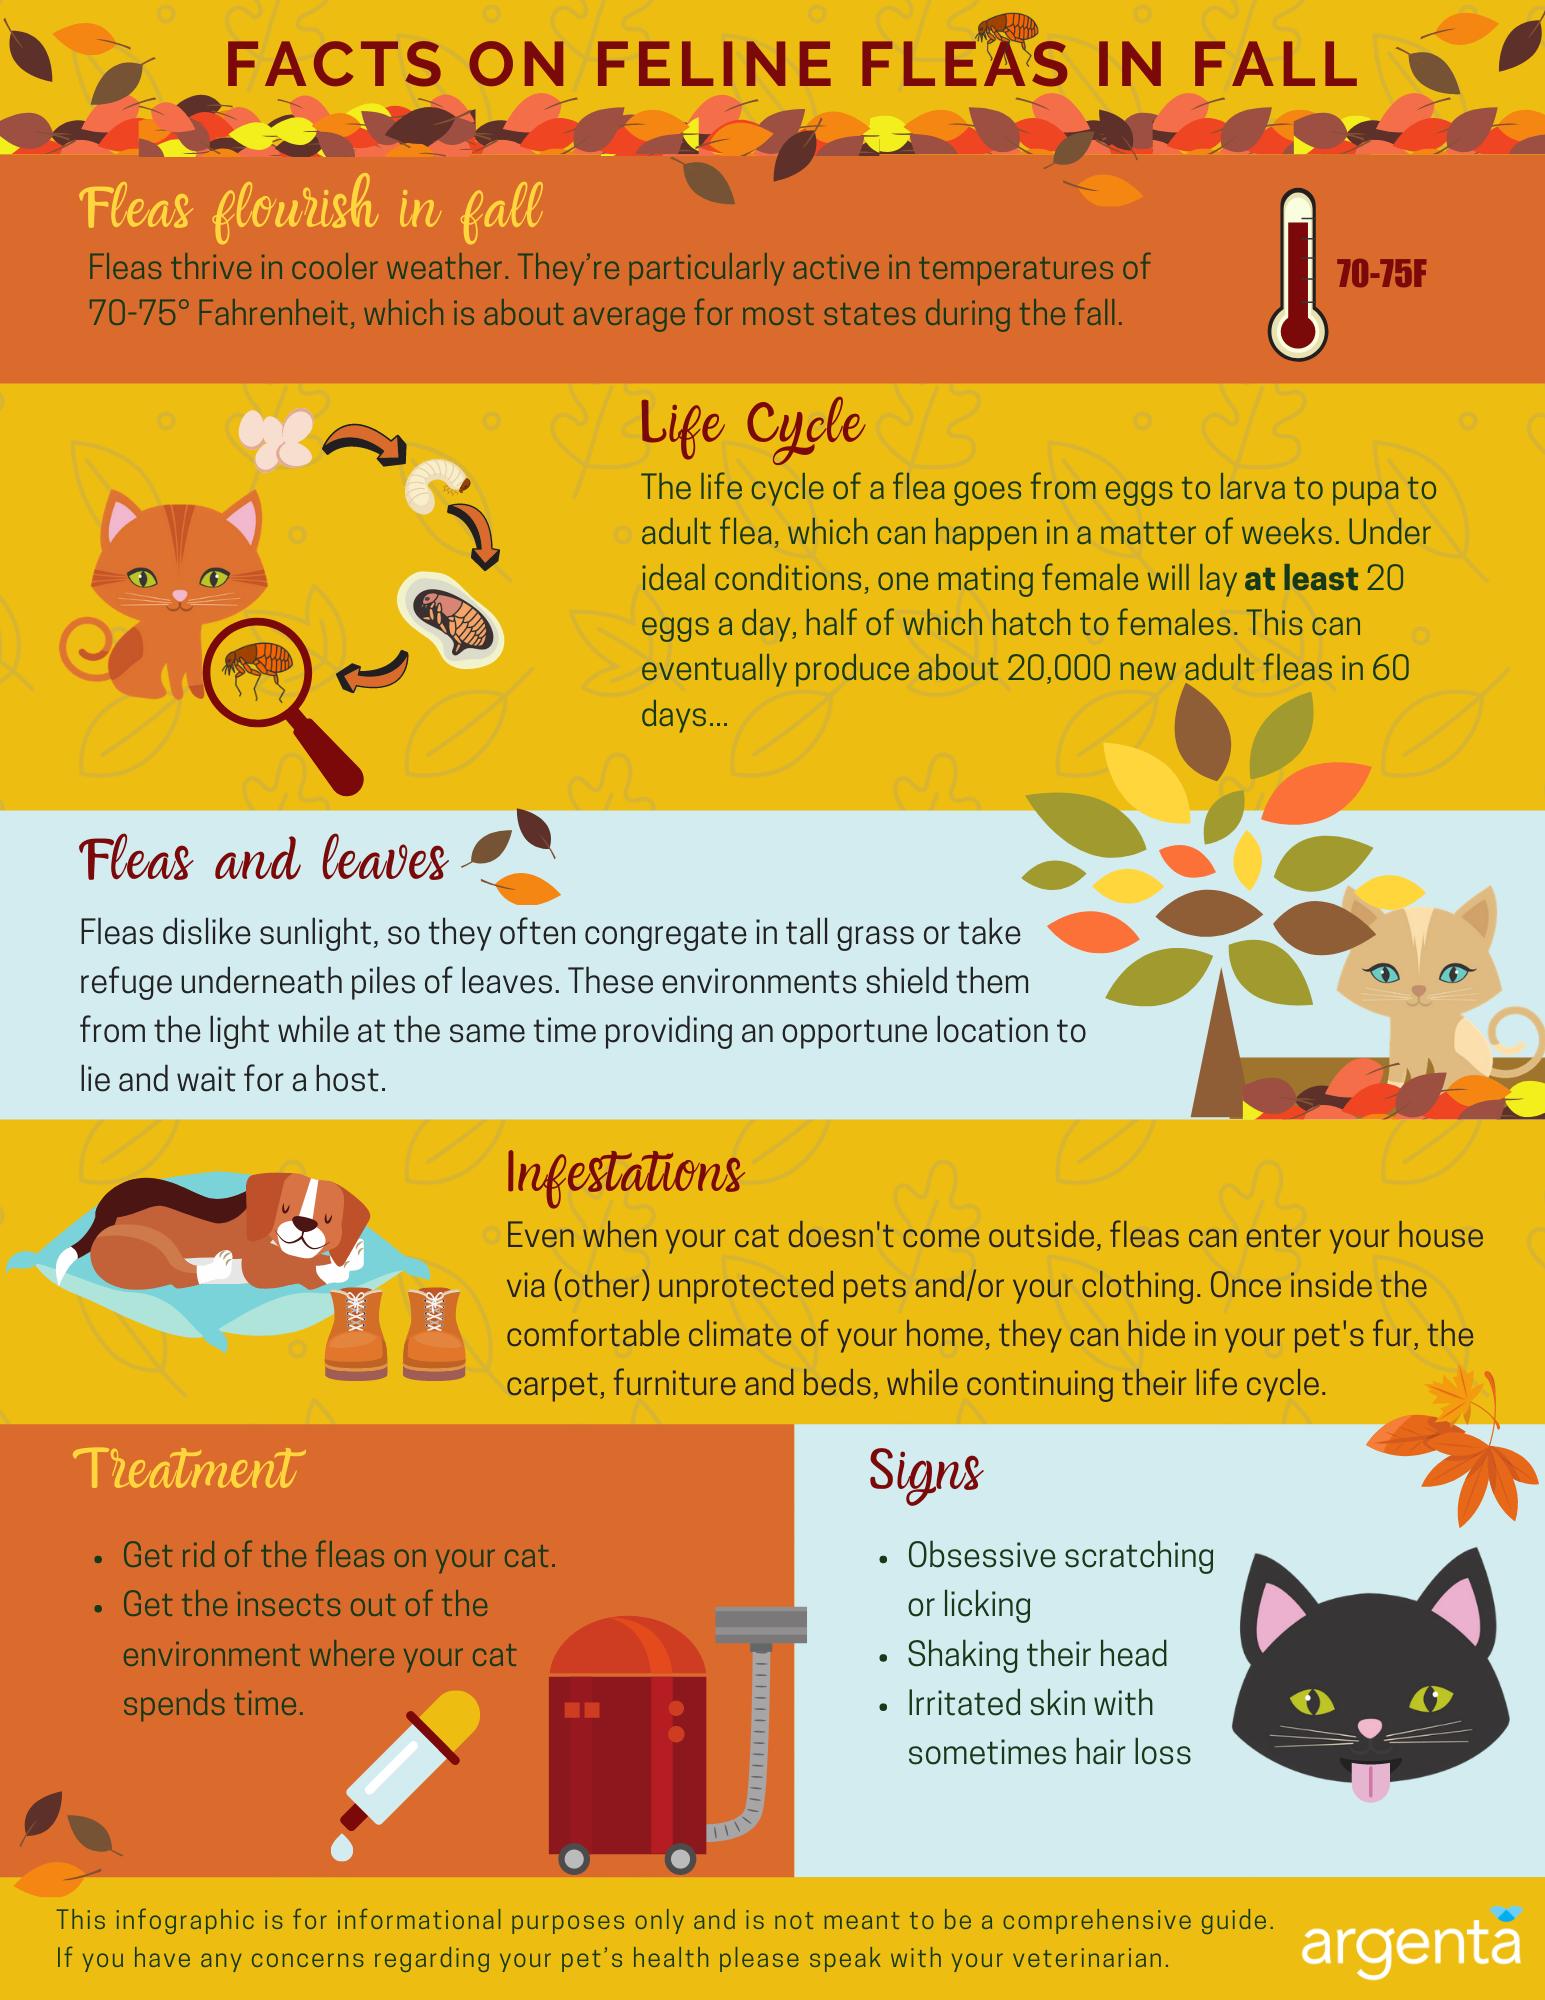 Facts on Feline Fleas in Fall